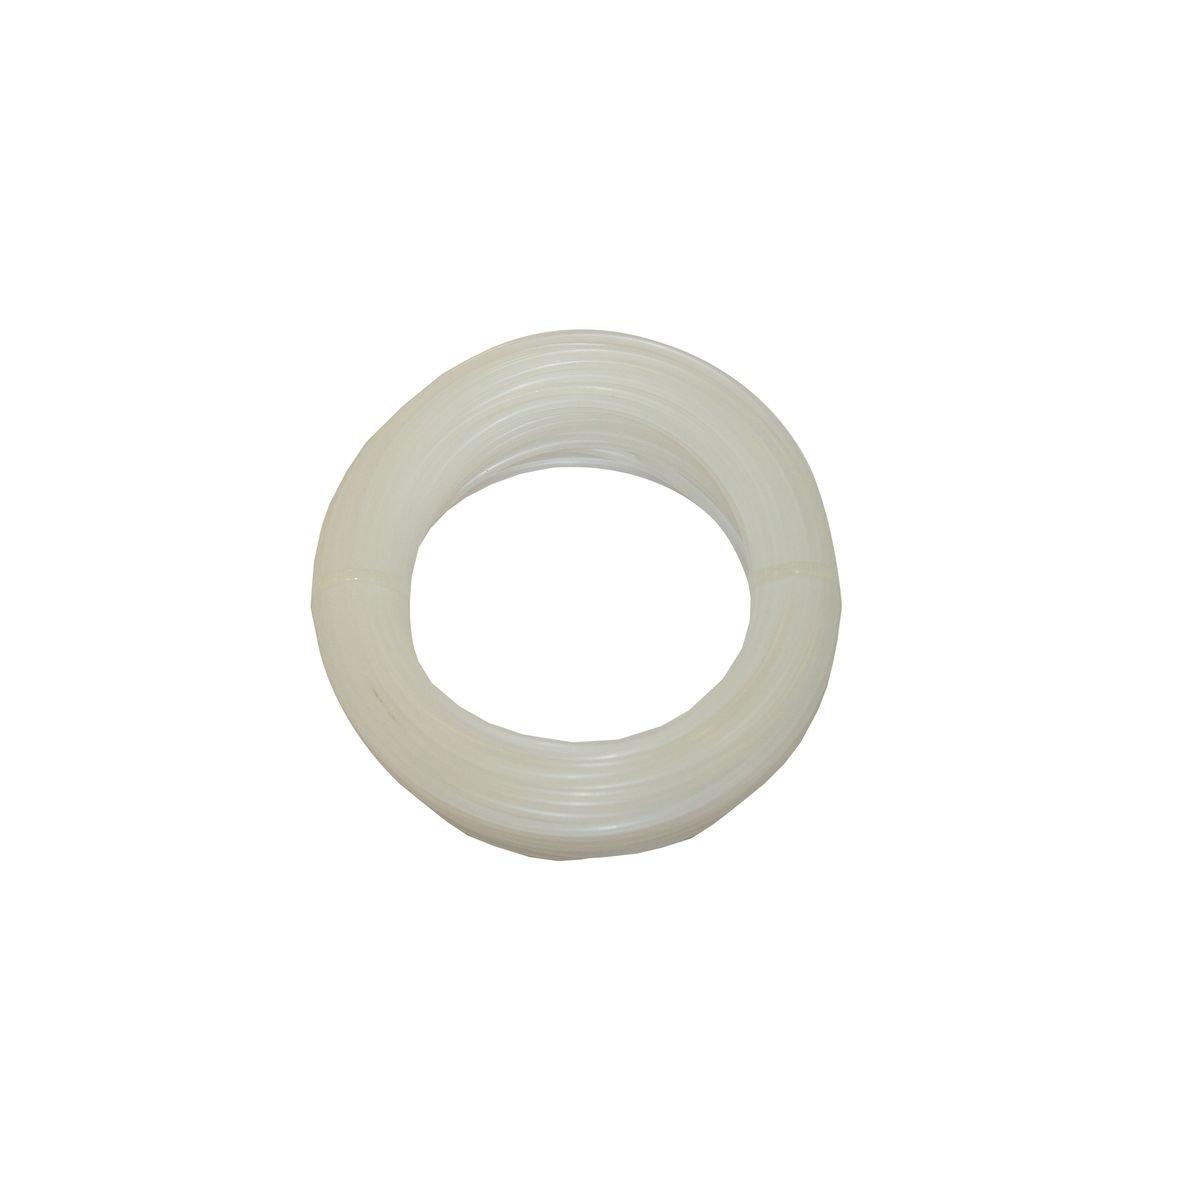 XCLOU GARDEN Trimmerschnur, Trimmerfaden, Nylonschnur, Ø 2,0 mm Ø 2 Testrut Wiethoff GmbH